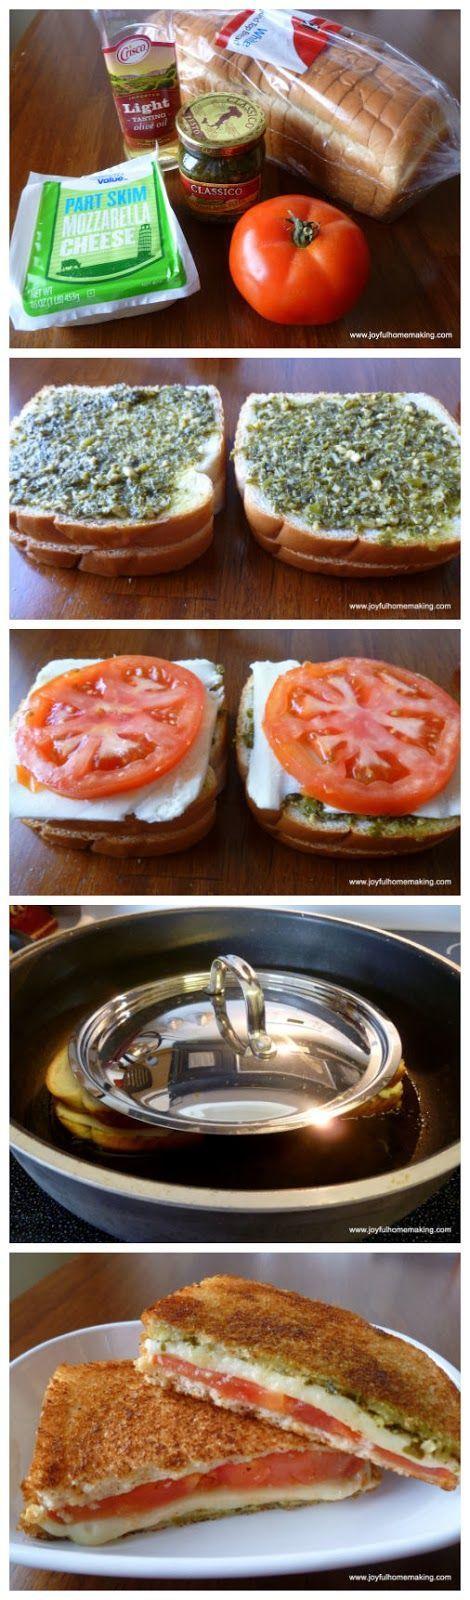 Leuk om een keer te proberen: een broodje met mozzarella, pesto en tomaat. Samen opwarmen in de pan met olijfolie. Lekker! (Je kunt het ook lekker koud eten).